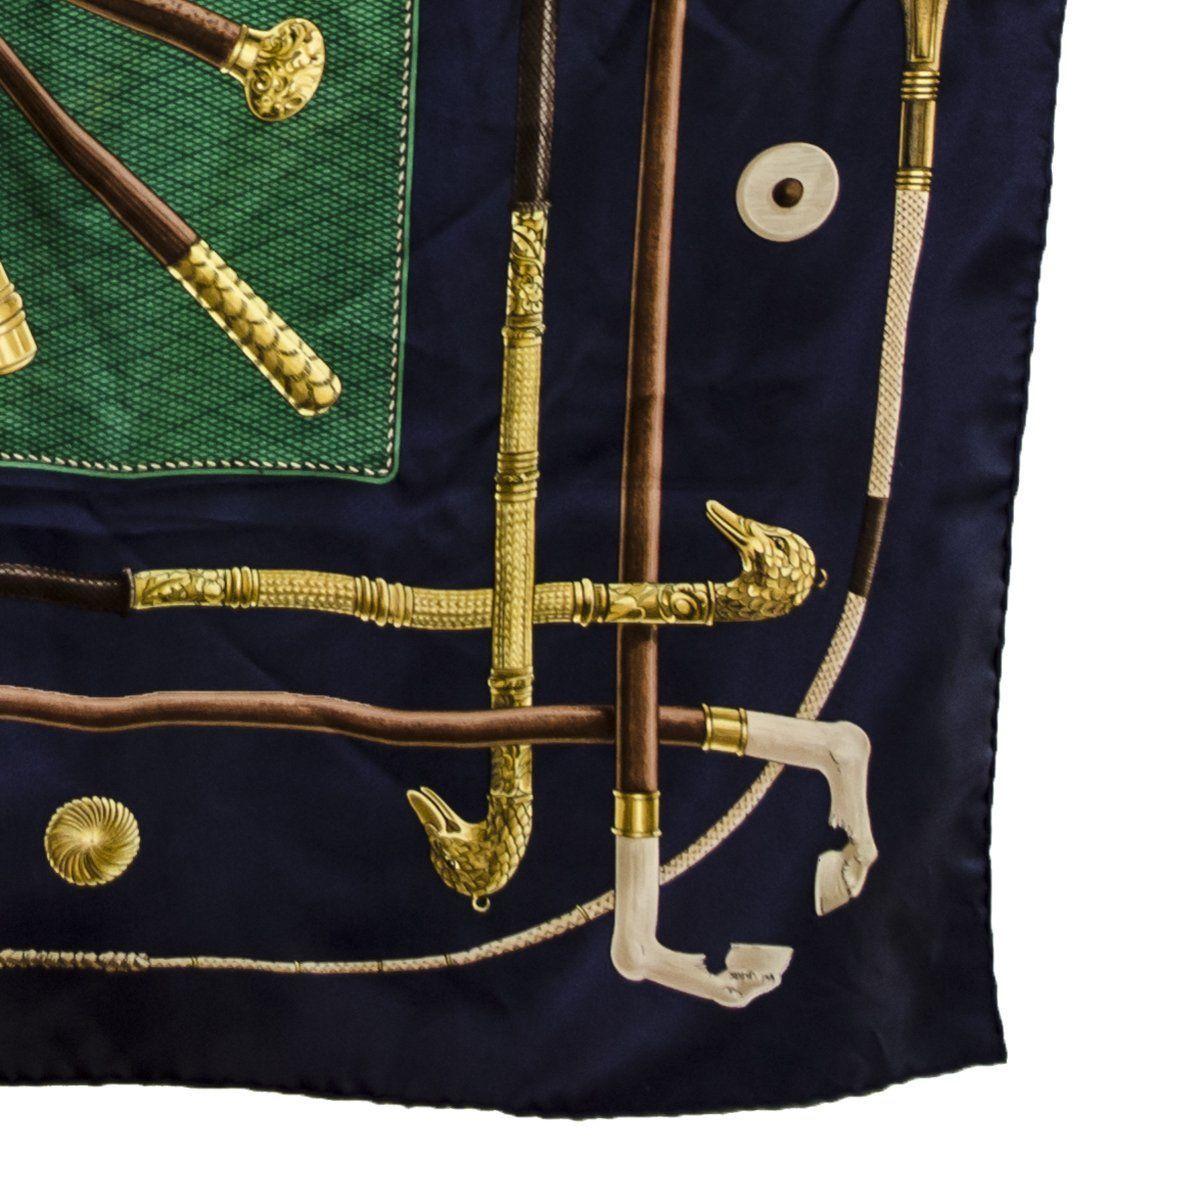 Vintage Hermes Silk Scarf, Walking Sticks, Cannes et Pommeaux, Françoise De La Perriere, Navy Blue & Green